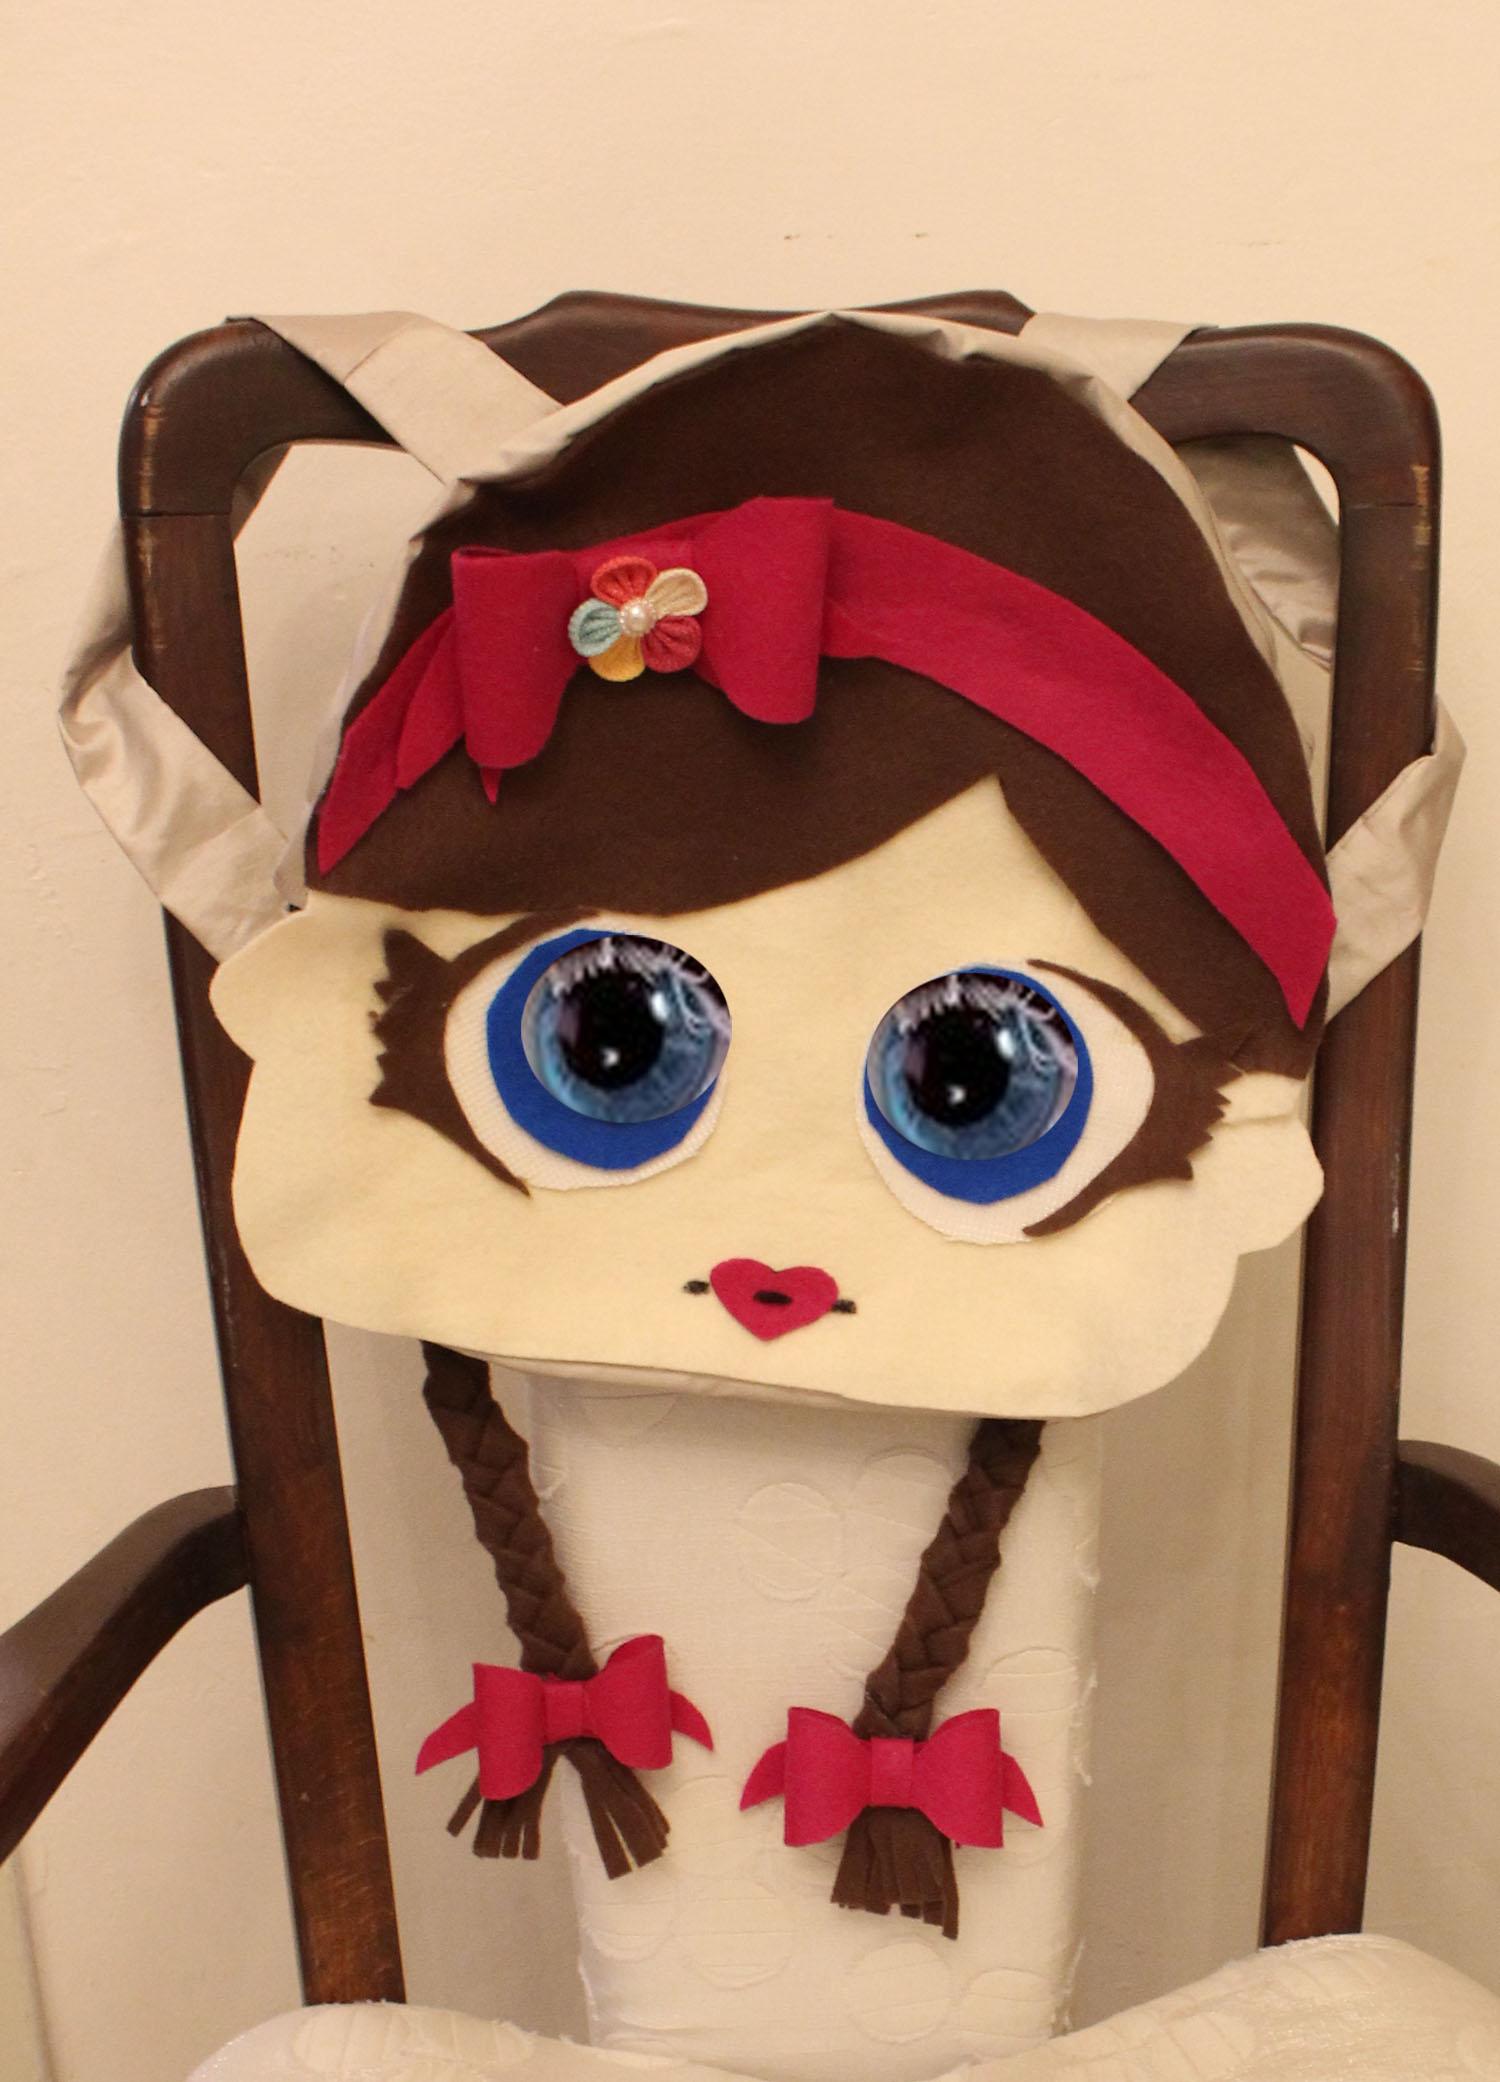 IMG 6092 - התיק של הילדה שלי